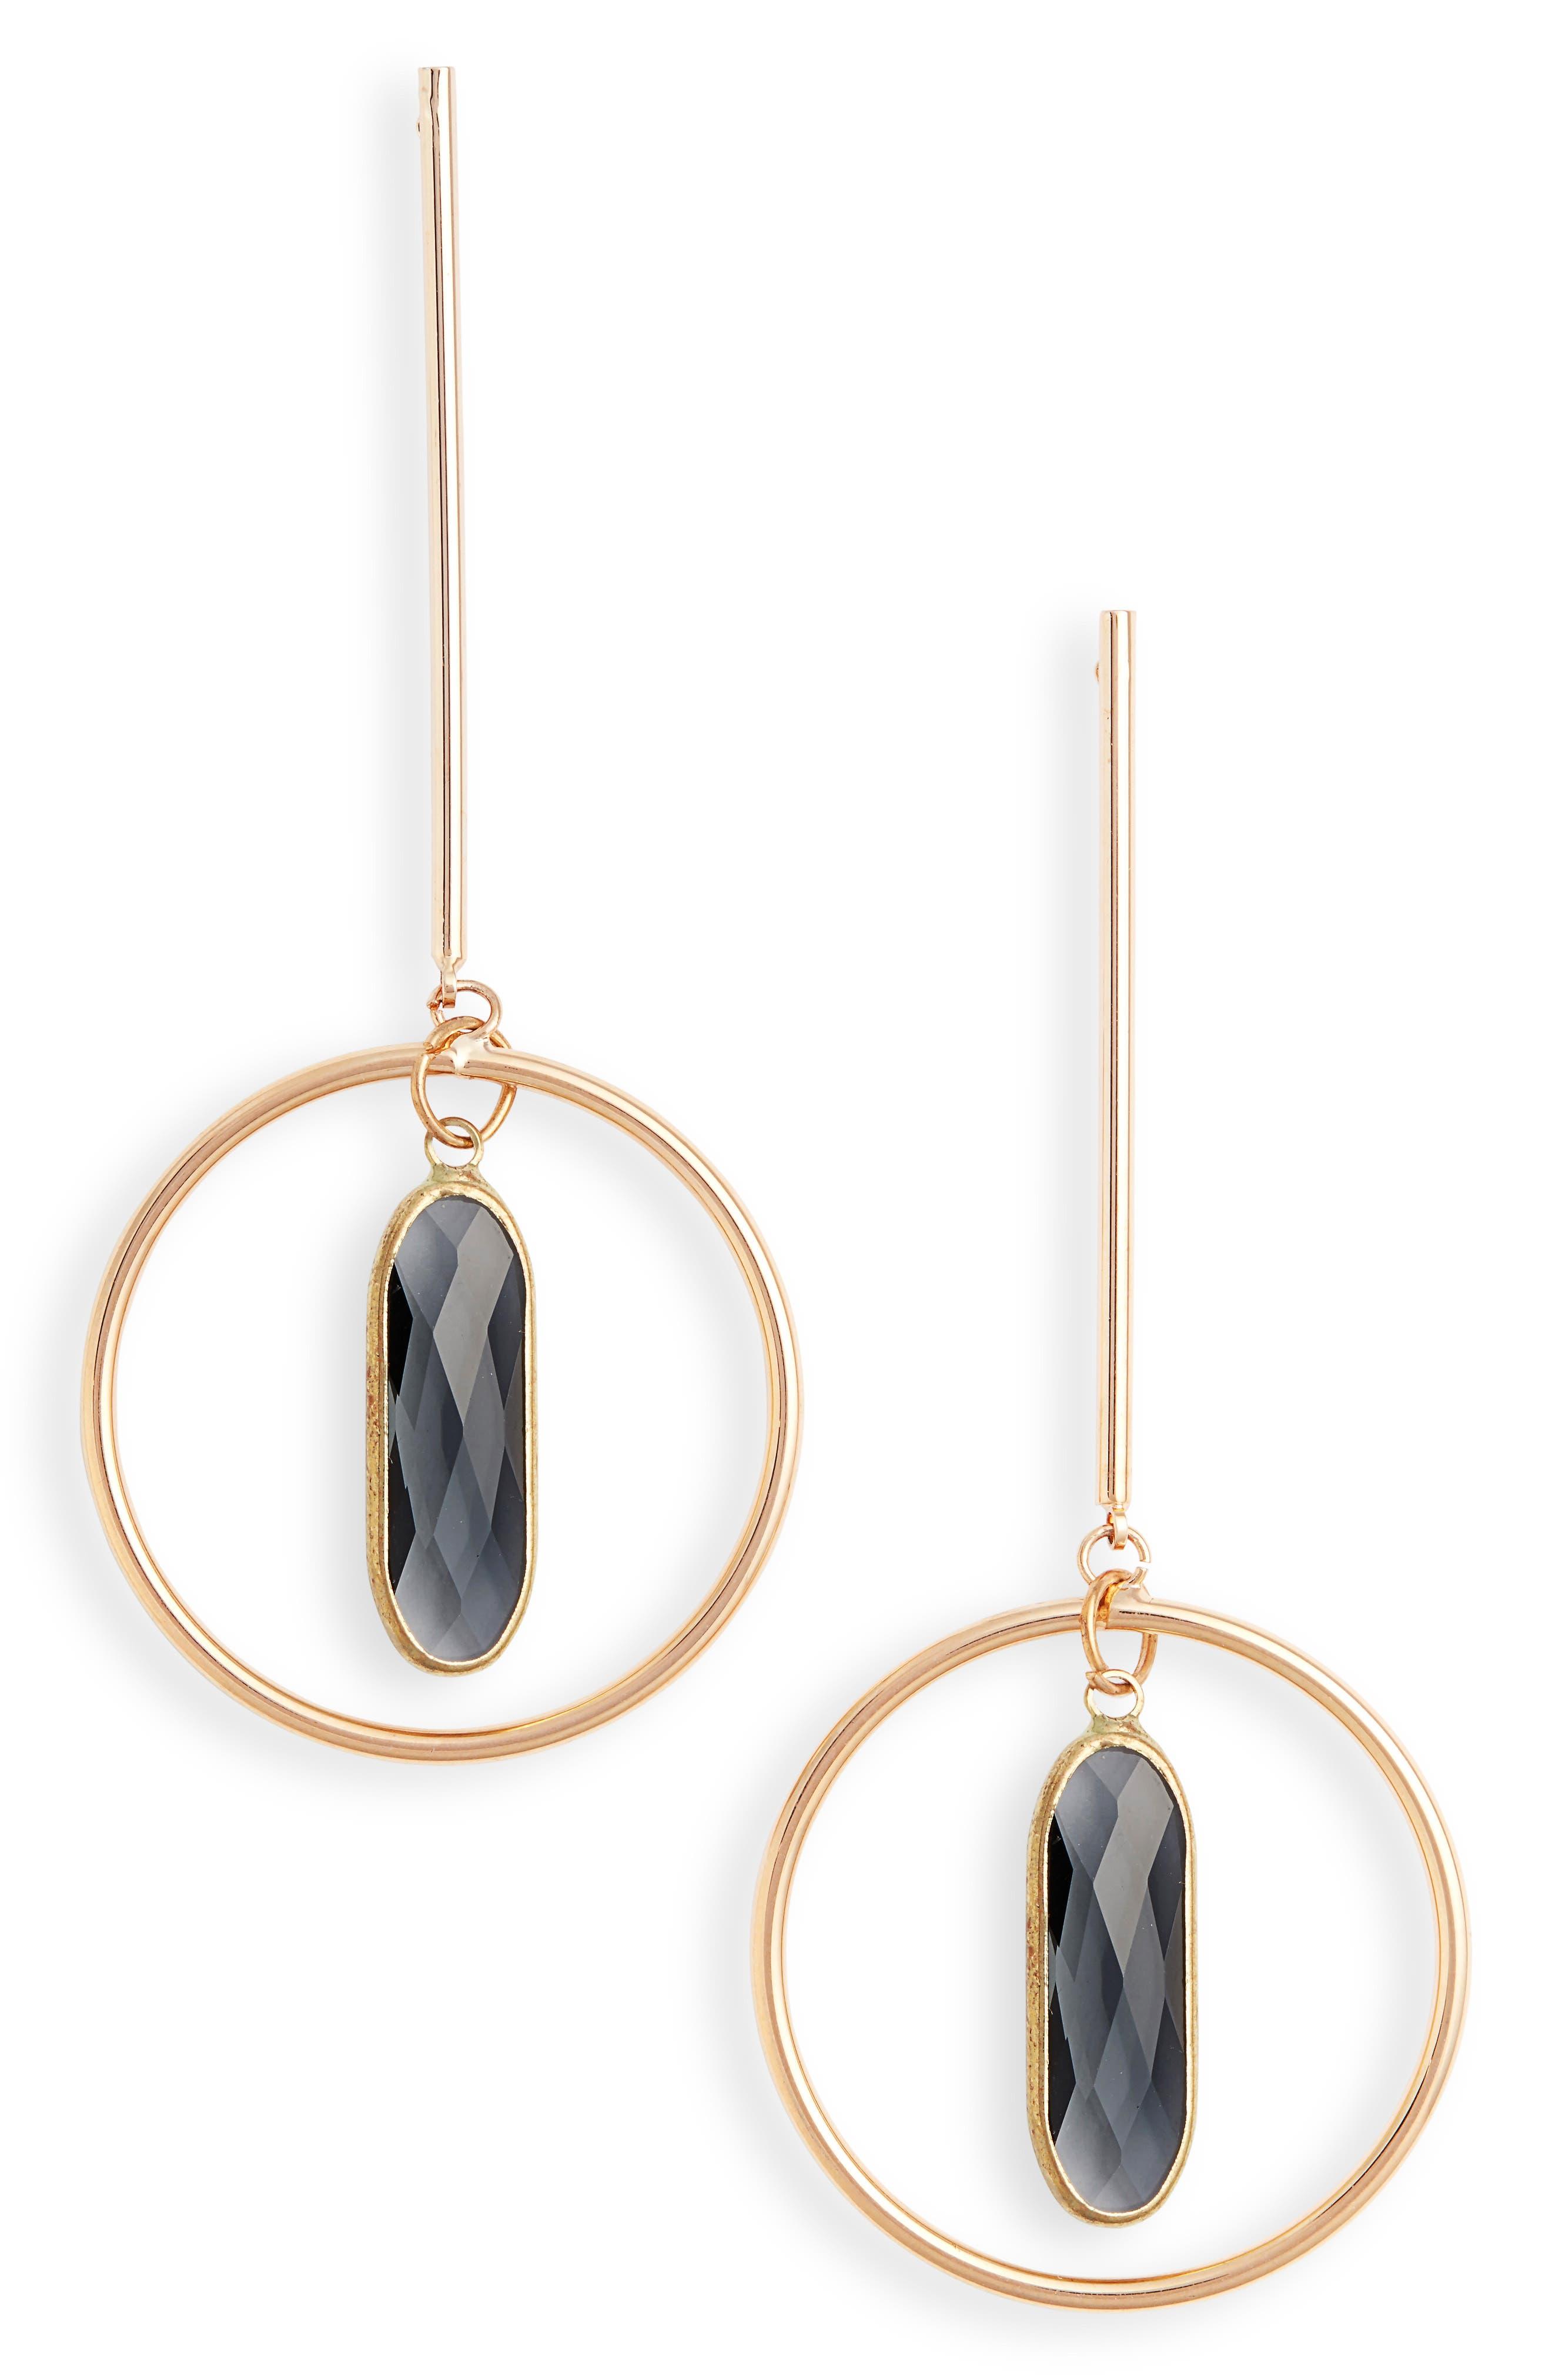 ELISE M. Novalee Bar & Hoop Earrings, Main, color, 020